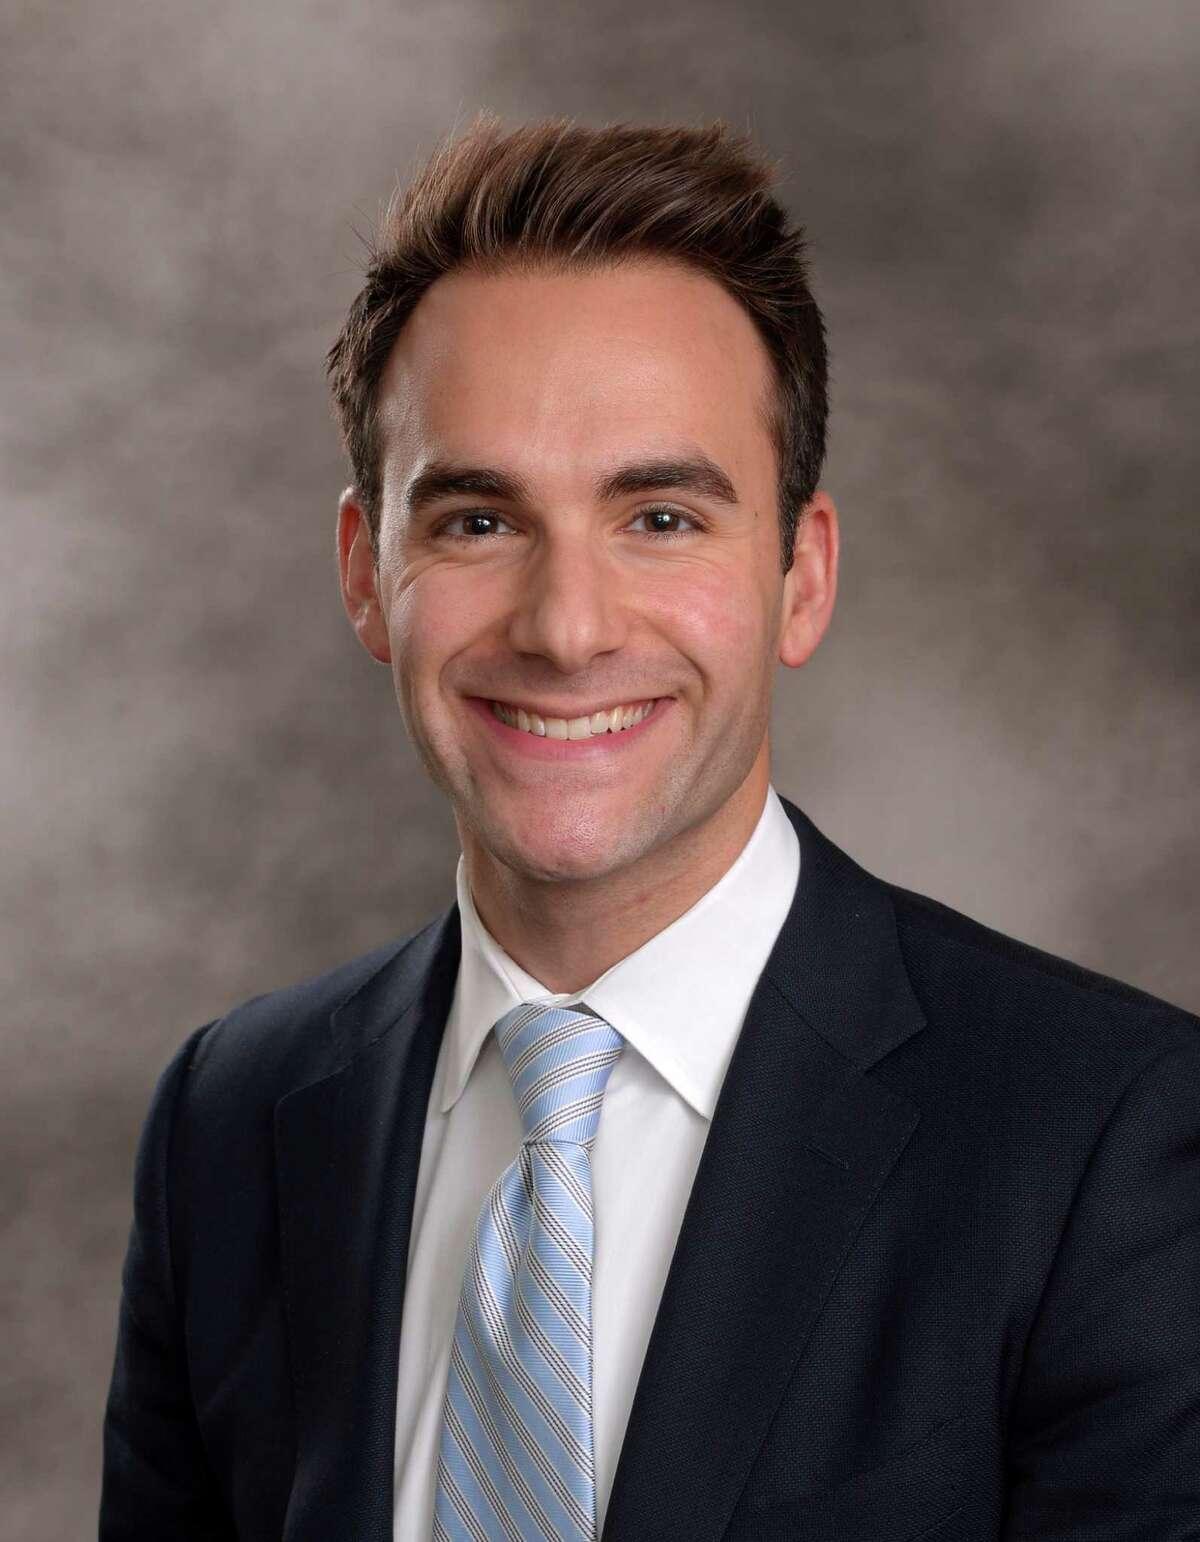 Adam Cognetta